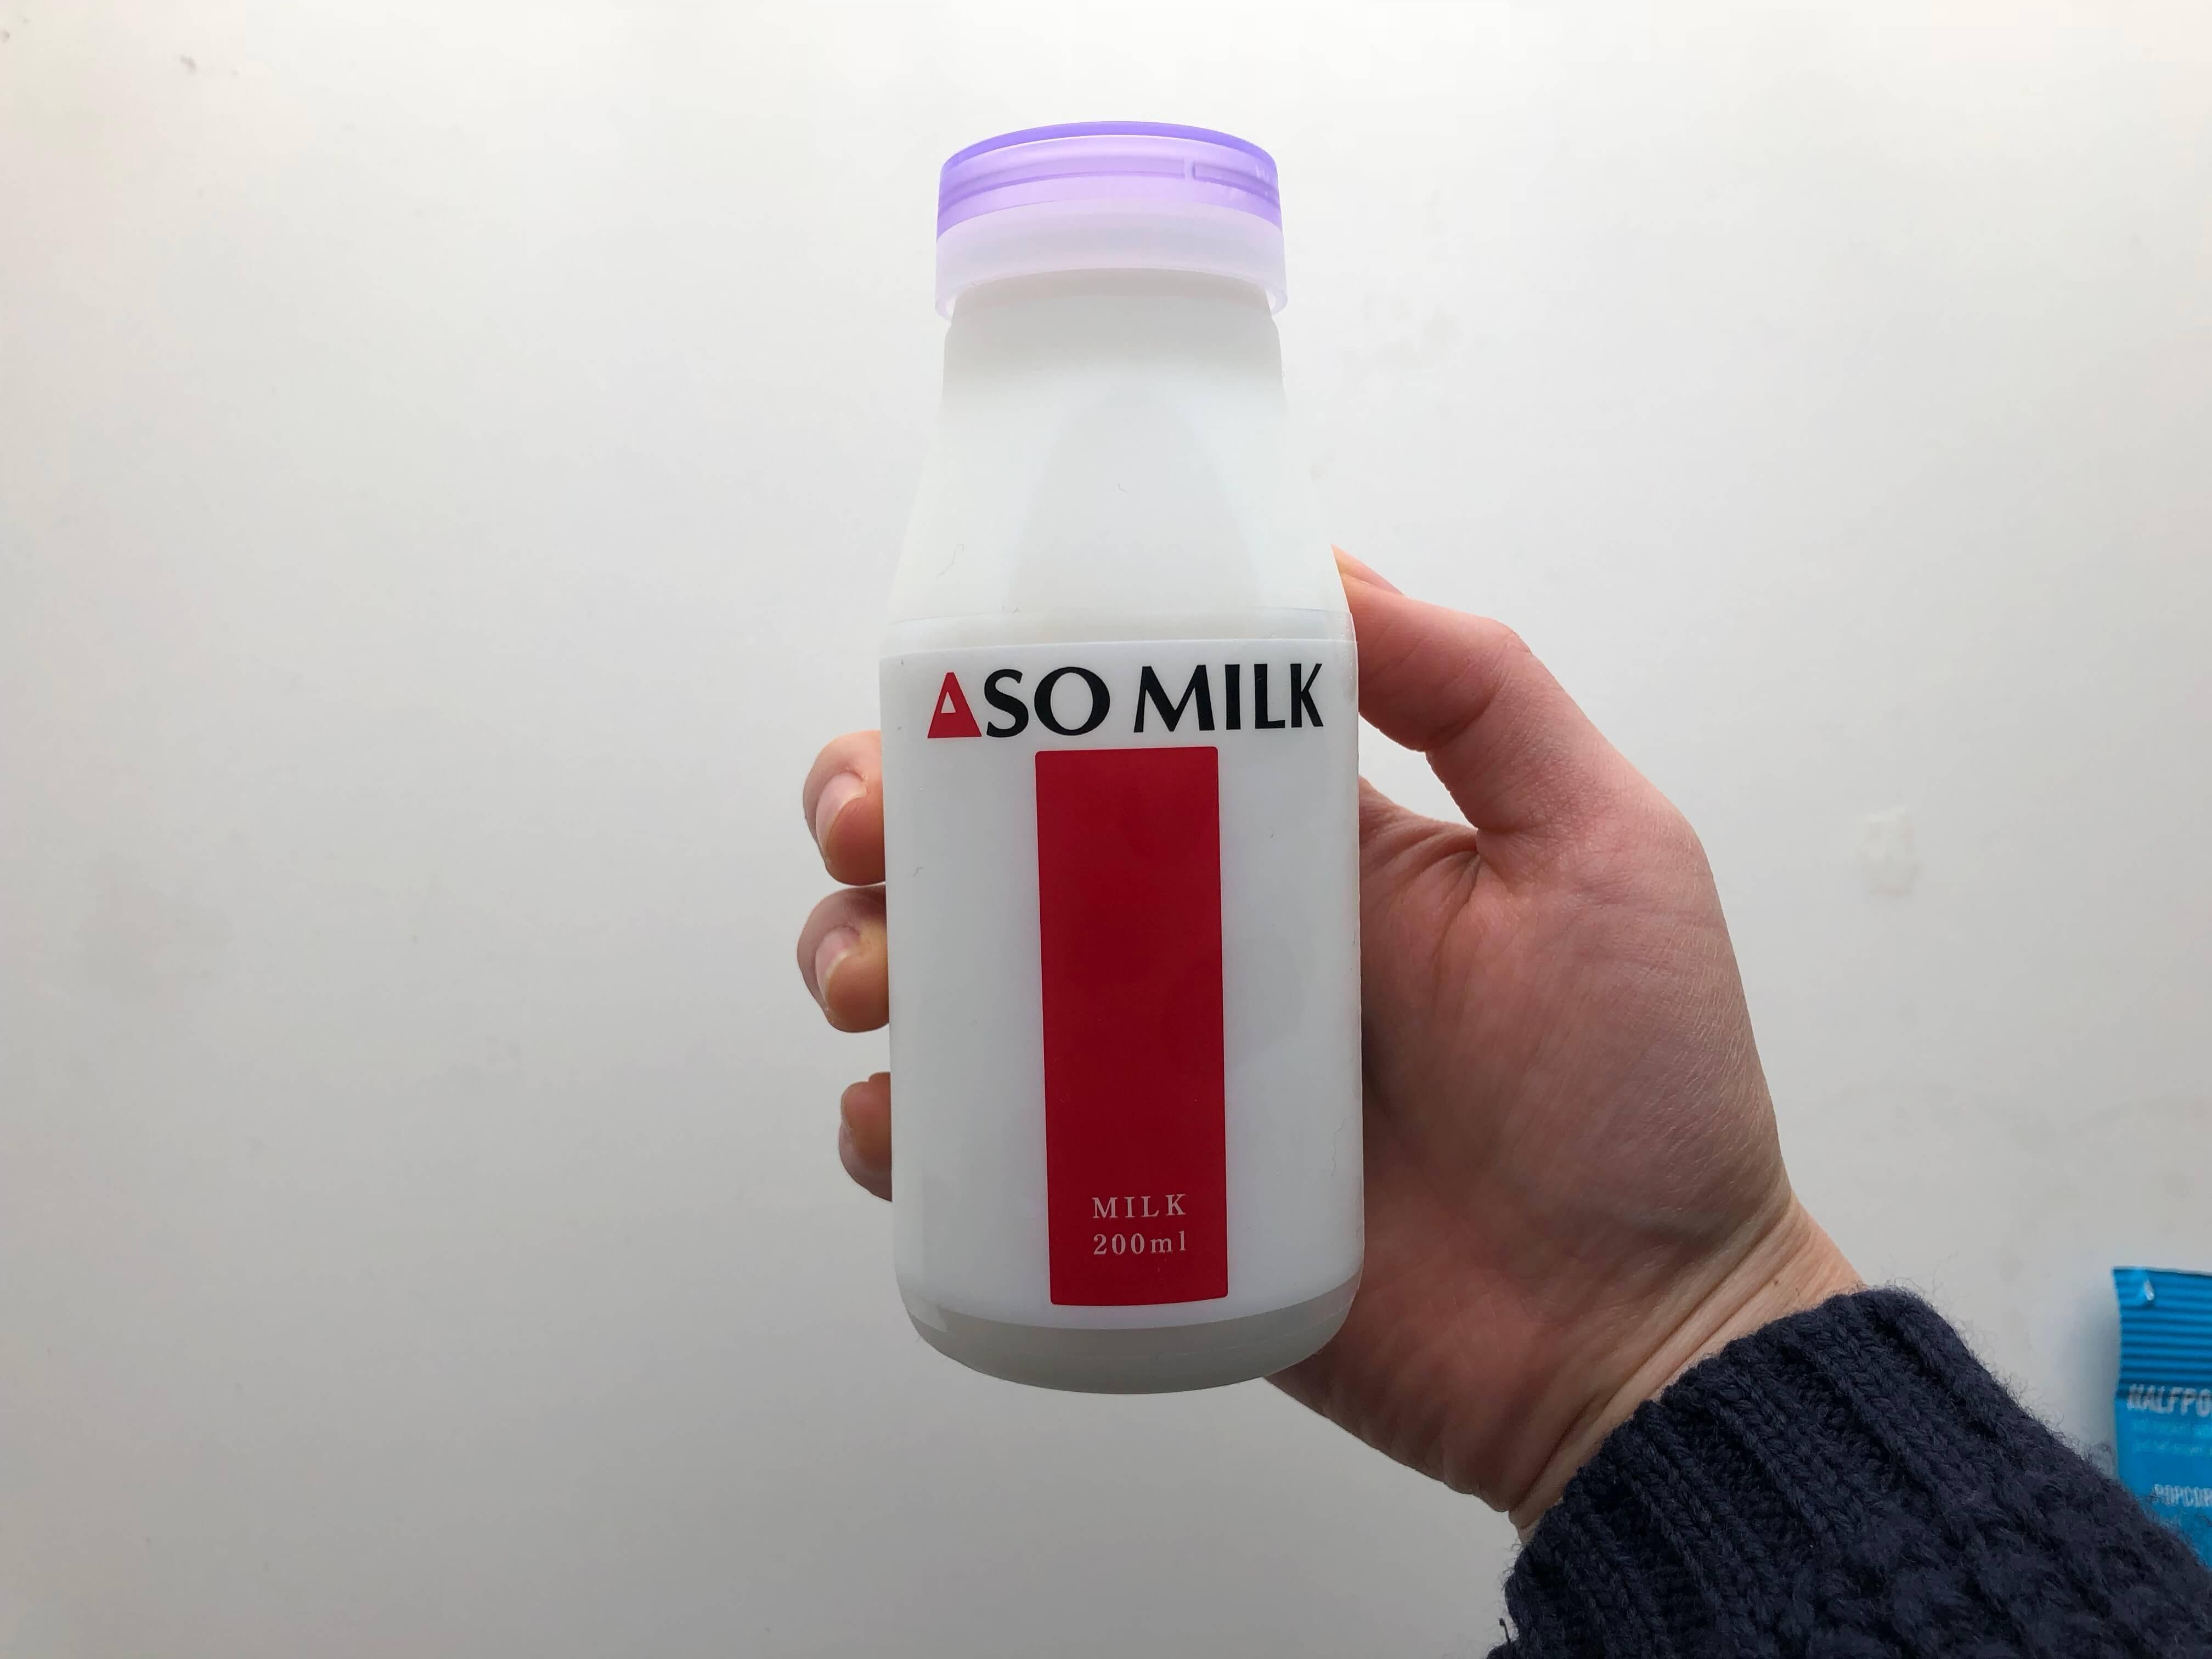 低温殺菌牛乳は何が違う?美味しい牛乳「ASO MILK」がおすすめ